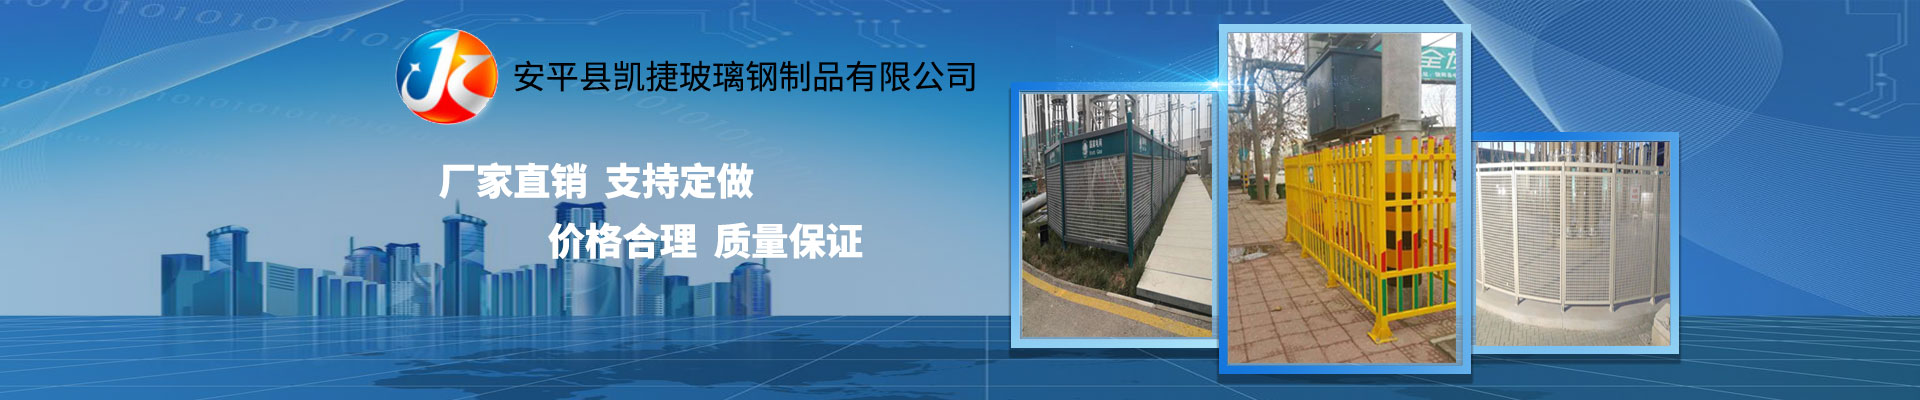 安平县凯捷玻璃钢制品有限公司